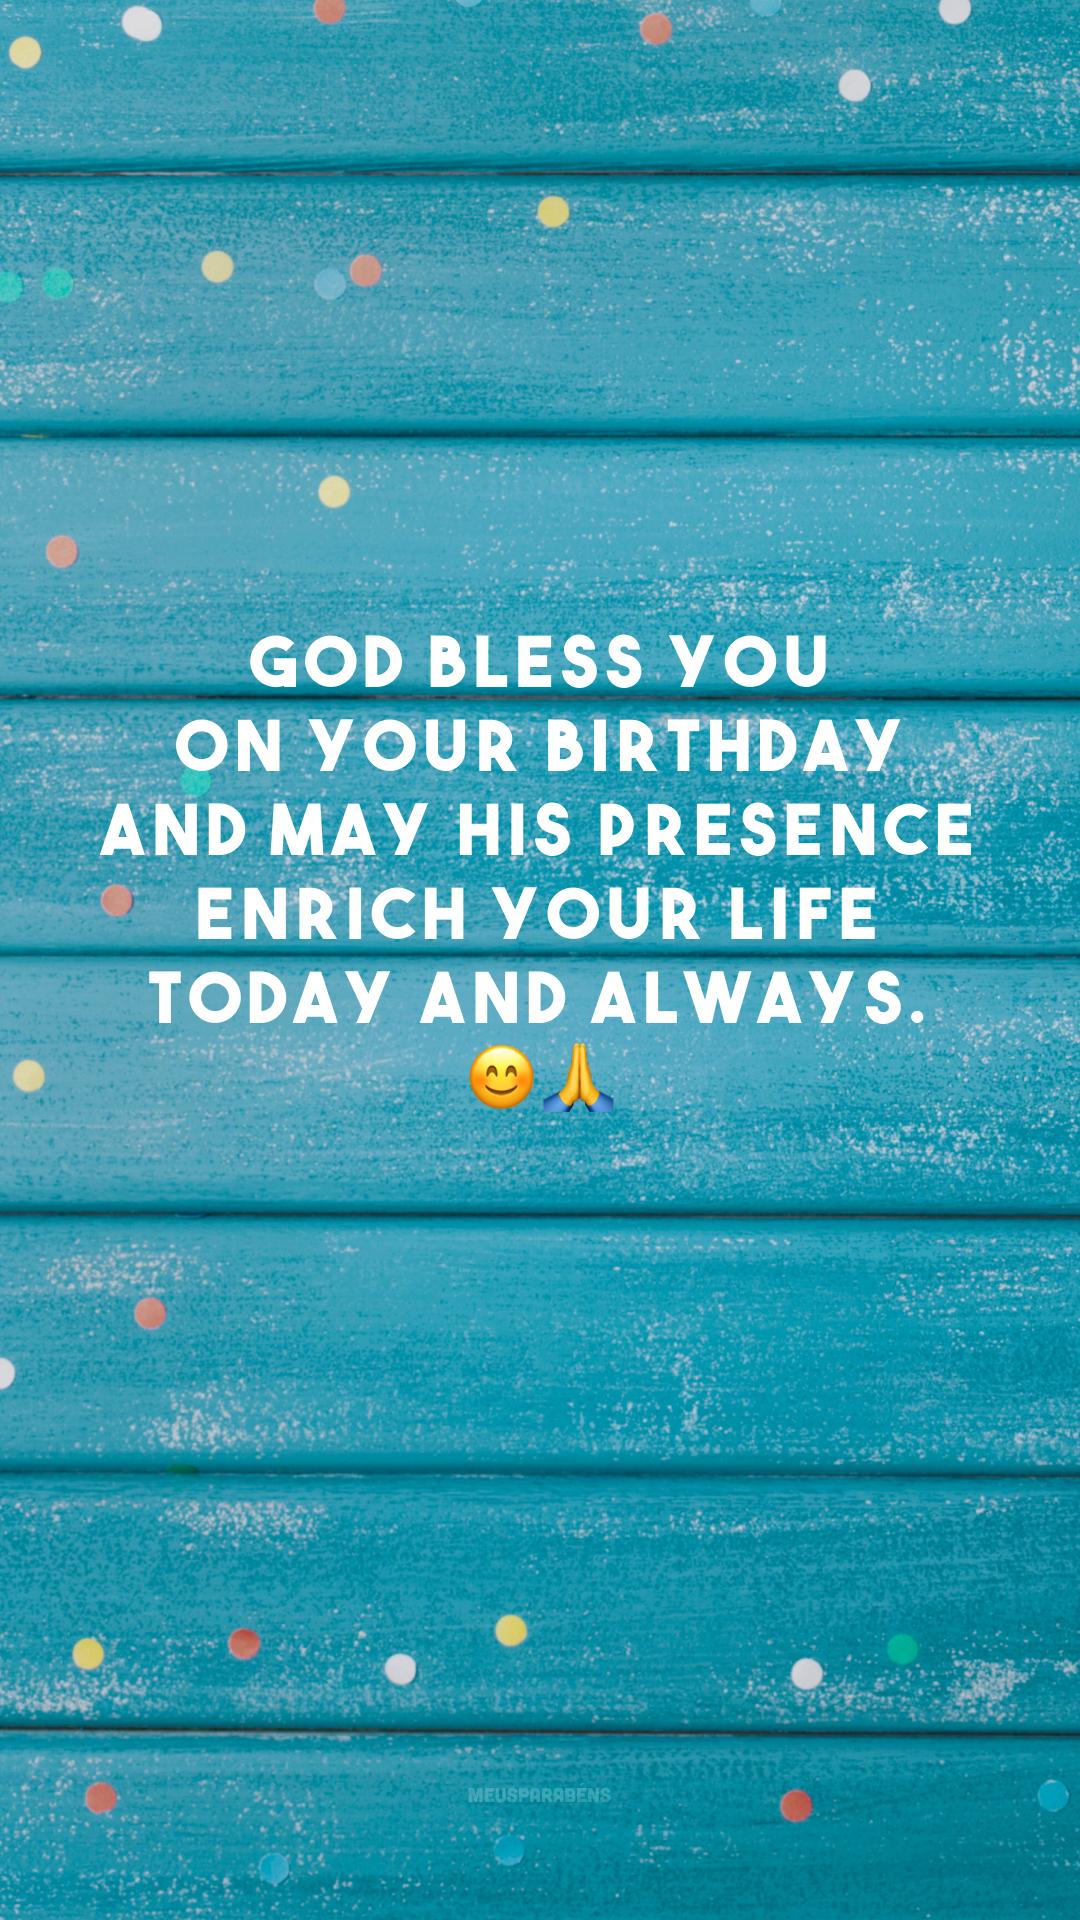 God bless you on your birthday and may His presence enrich your life today and always. 😊🙏 (Deus te abençoe em seu aniversário e que a sua presença possa enriquecer a sua vida hoje e sempre.)